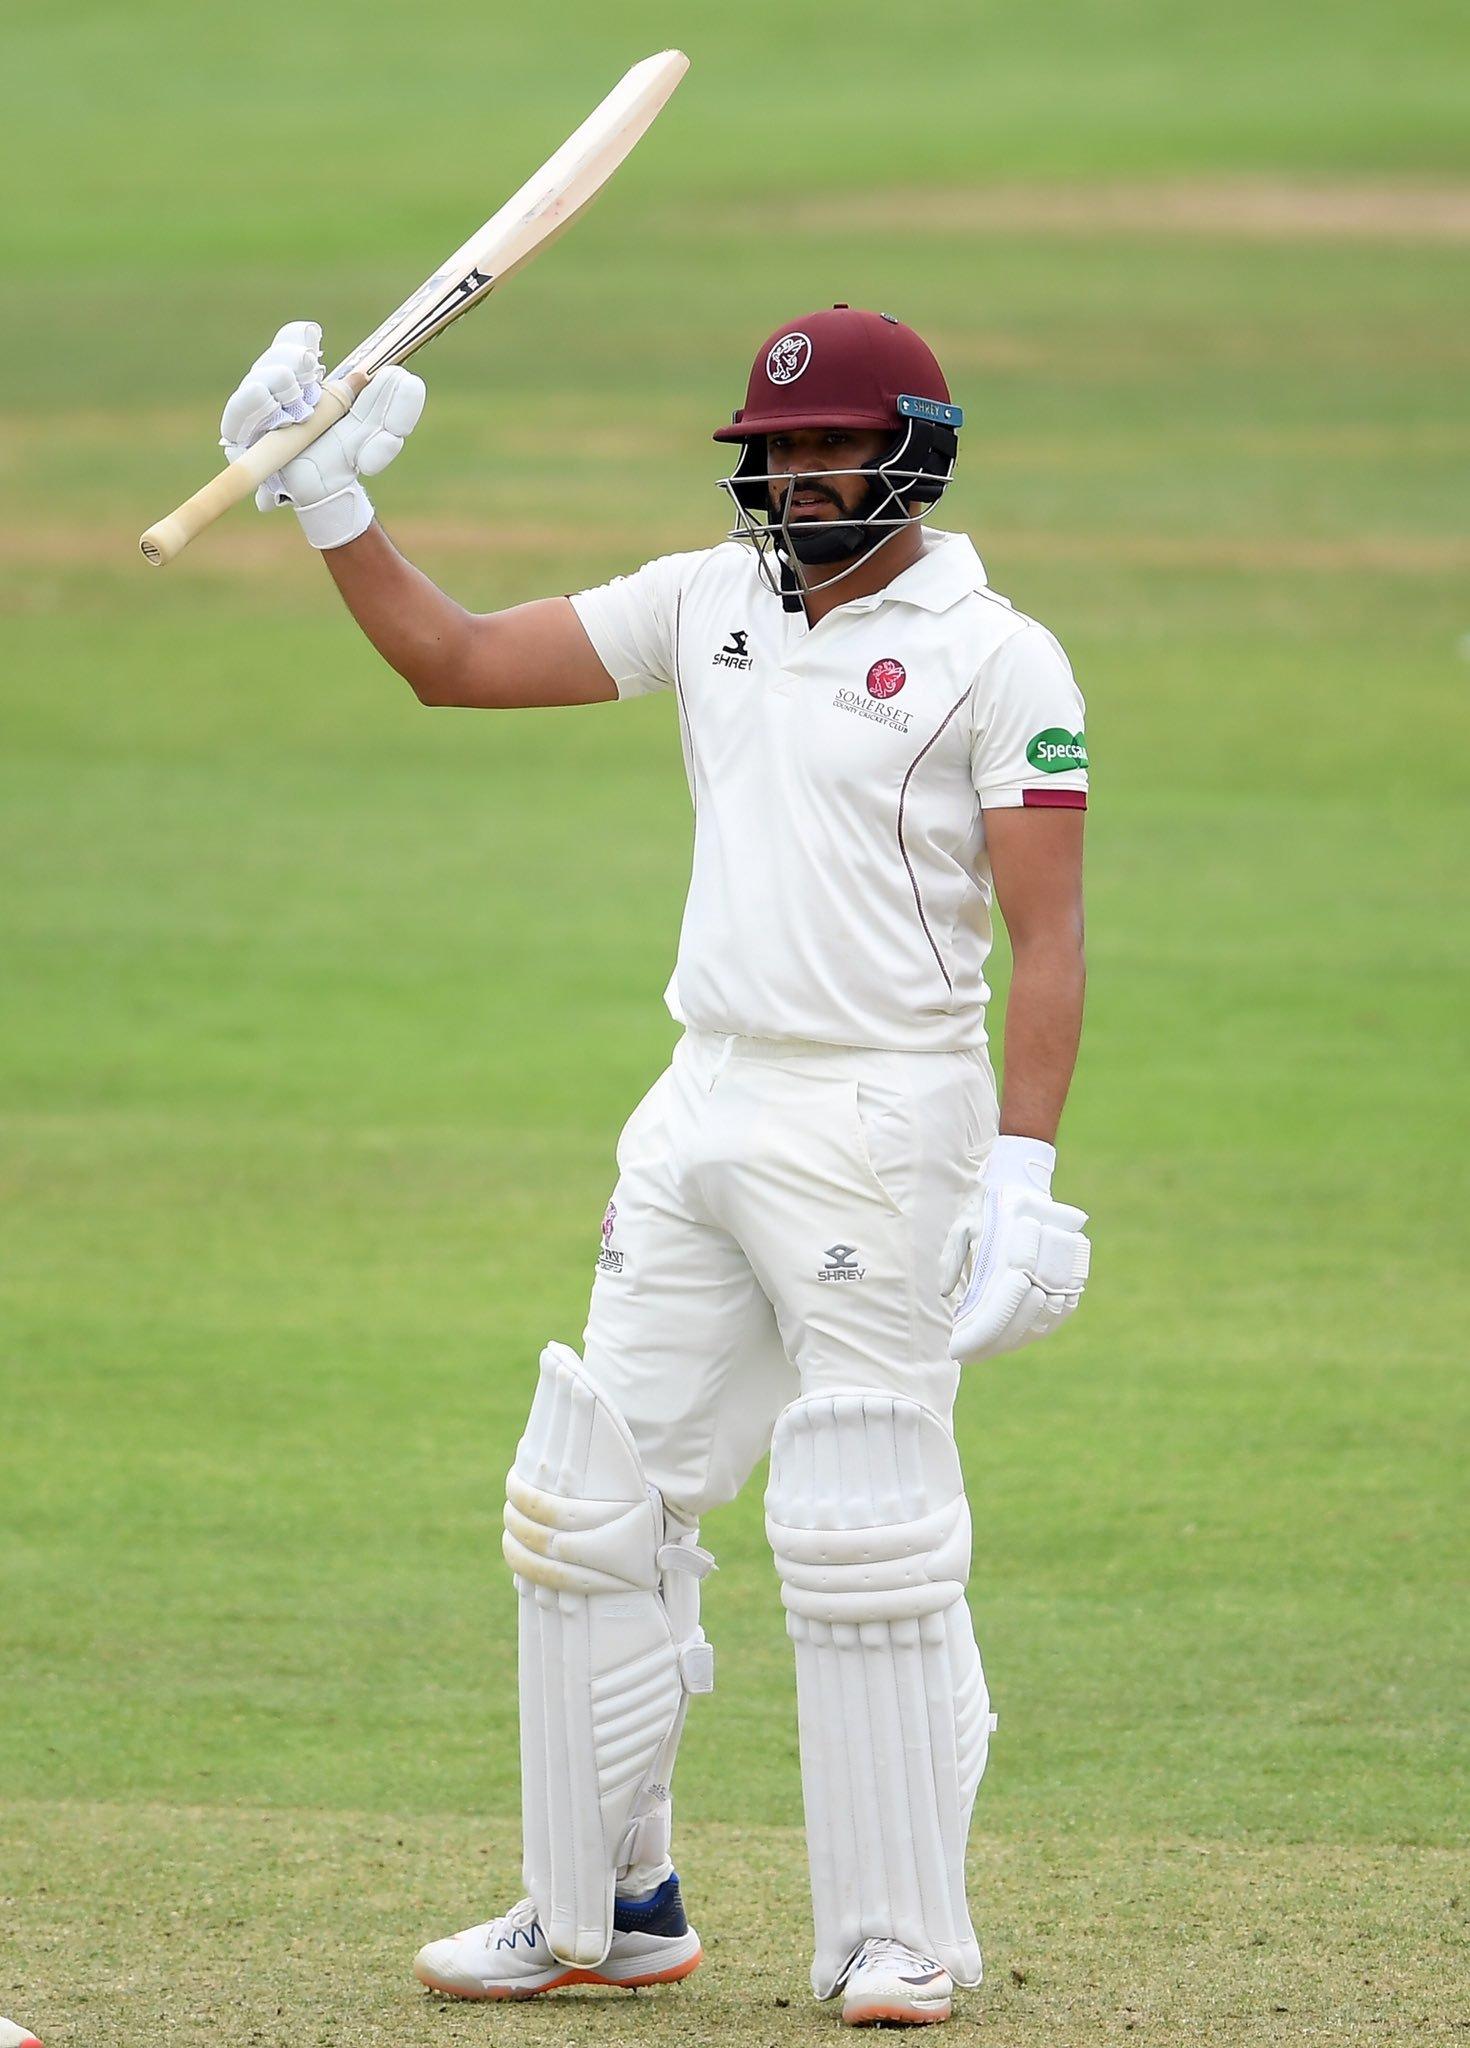 COUNTY CRICKET: Somerset batsman Azhar Ali recalled by Pakistan Cricket Board